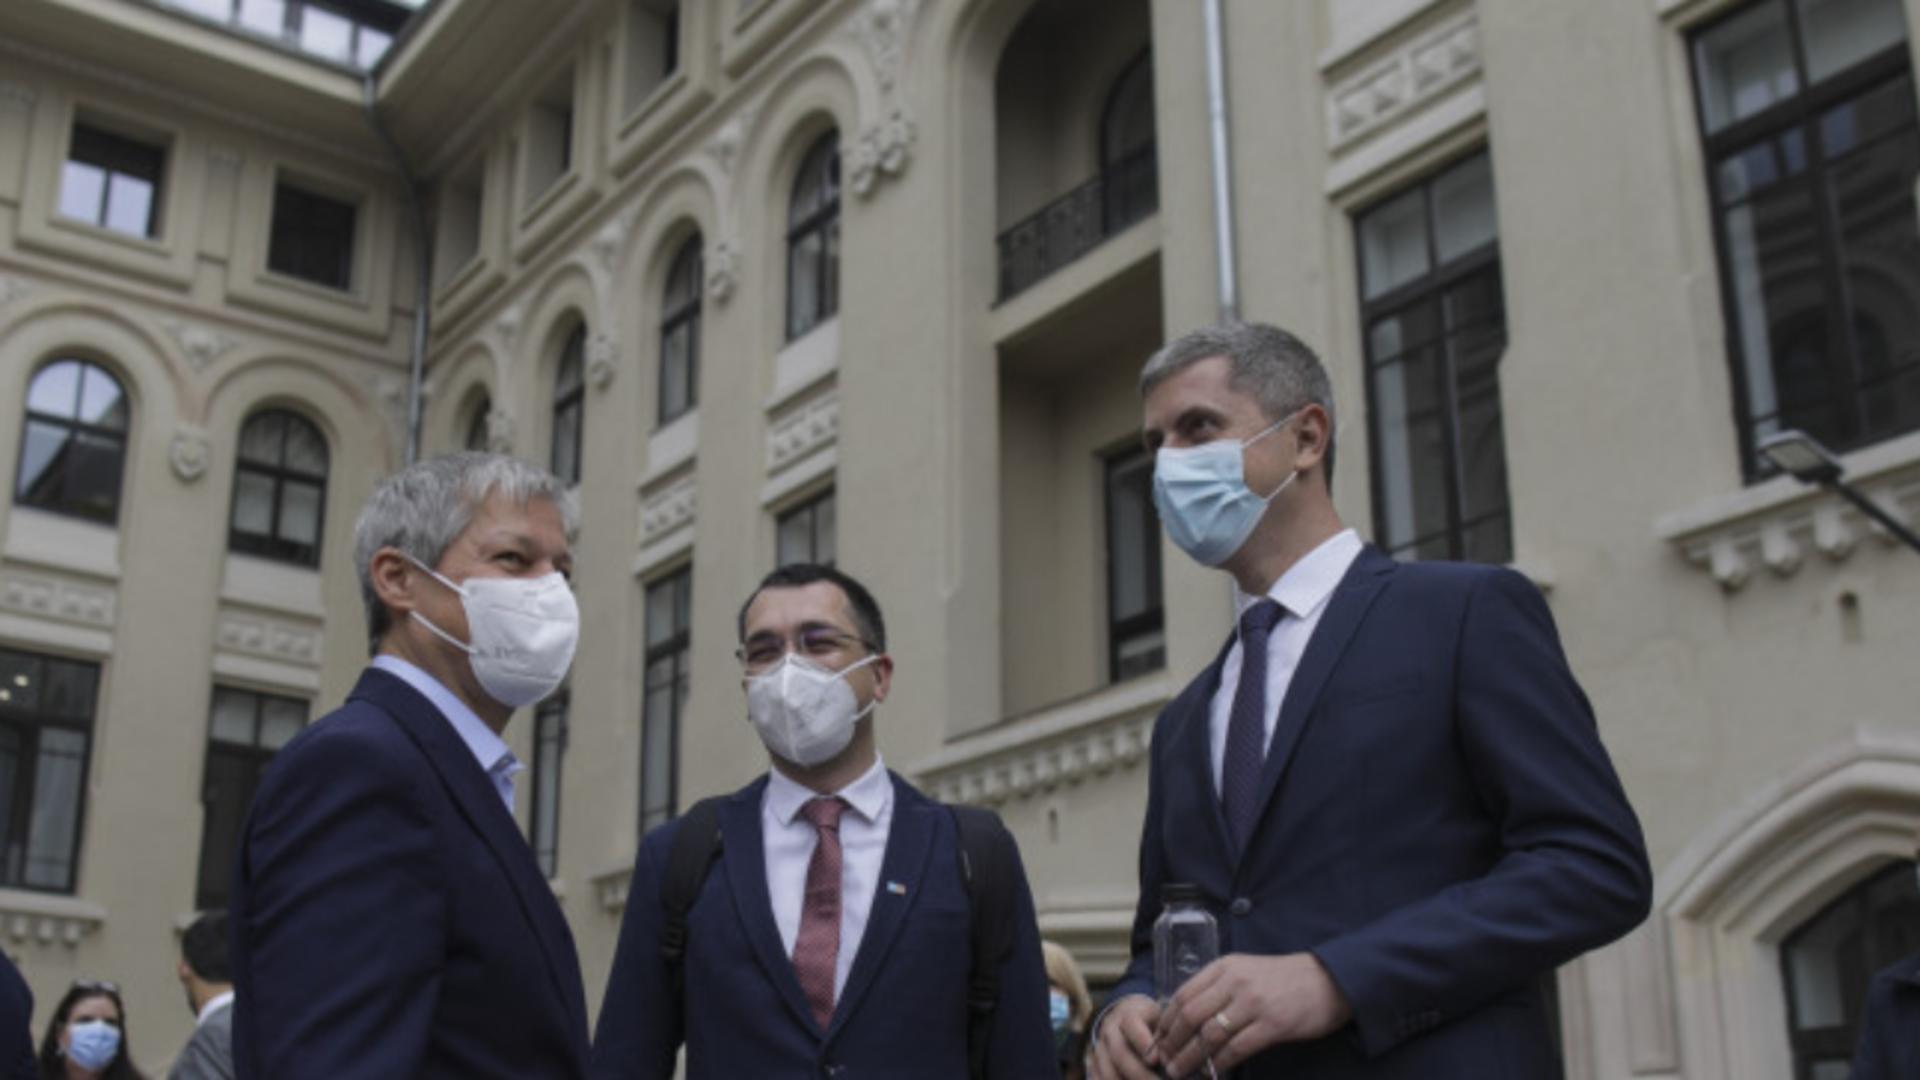 INSOMAR - SONDAJUL care clatină USR-PLUS. Cum văd românii acțiunile lui Vlad Voiculescu Foto: INQUAM